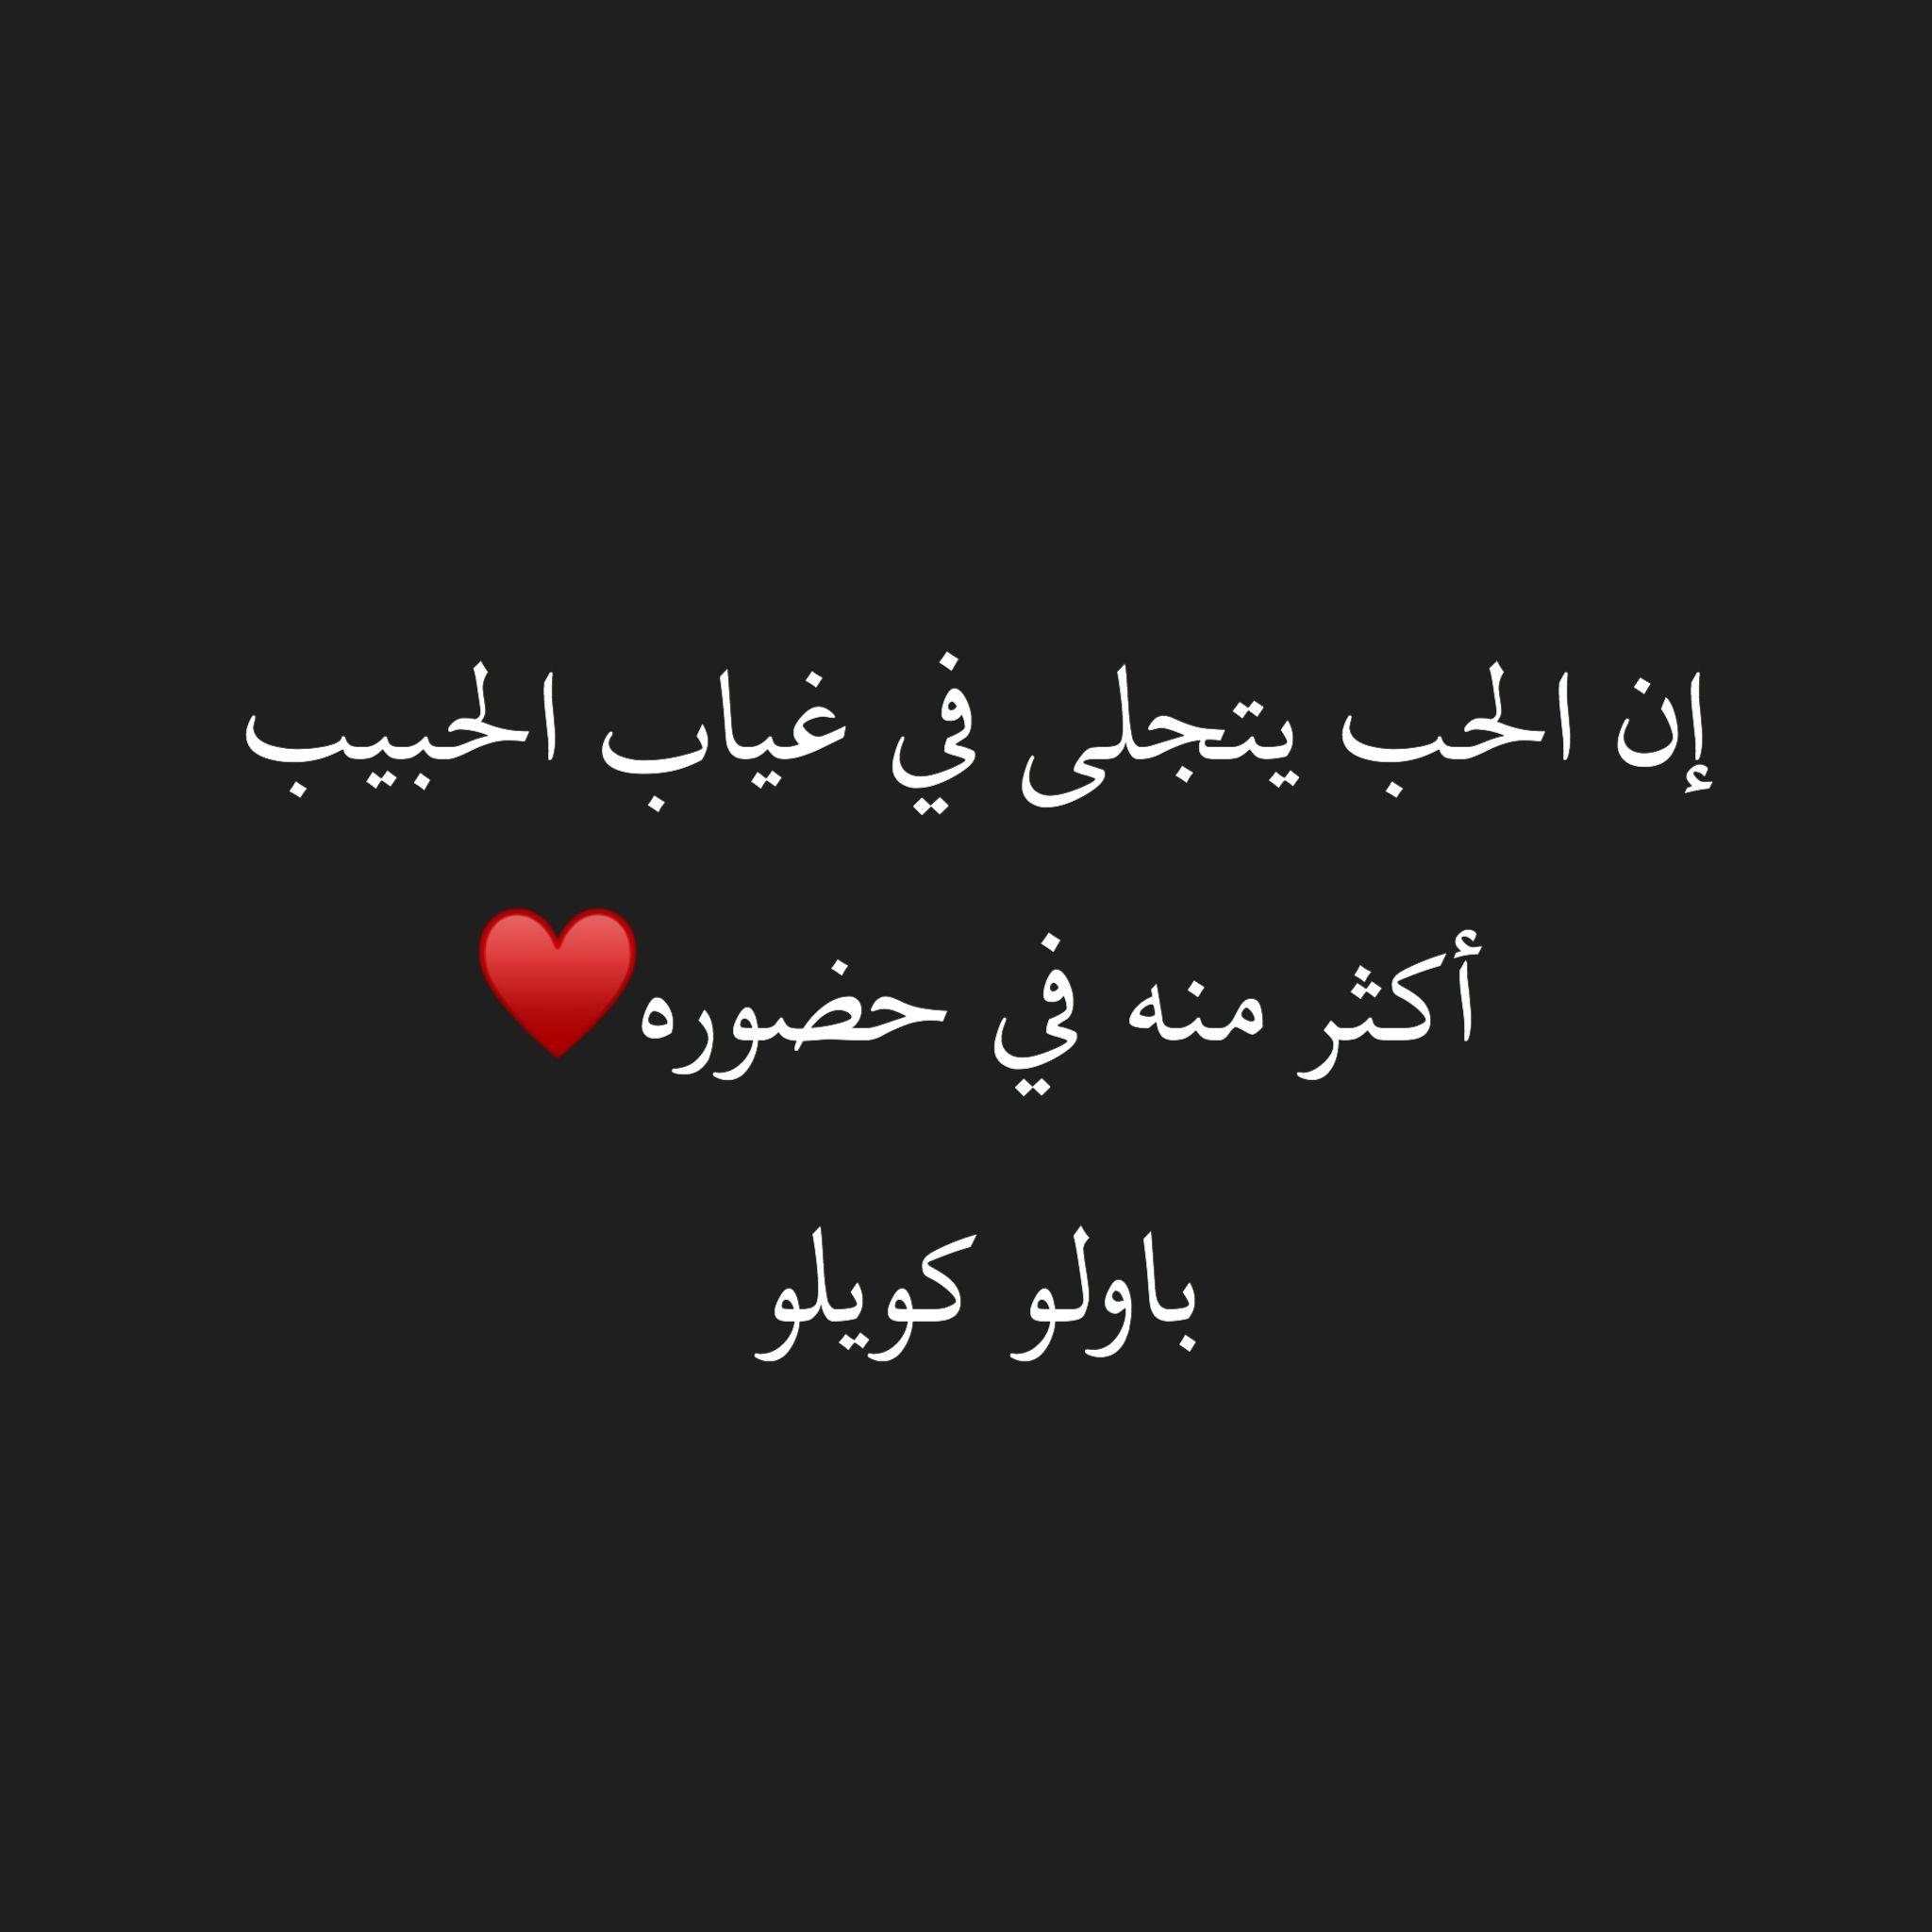 إن الحب يتجلى في غياب الحبيب أكثر منه في حضوره باولو كويلو Love Quotes Arabic Quotes Love